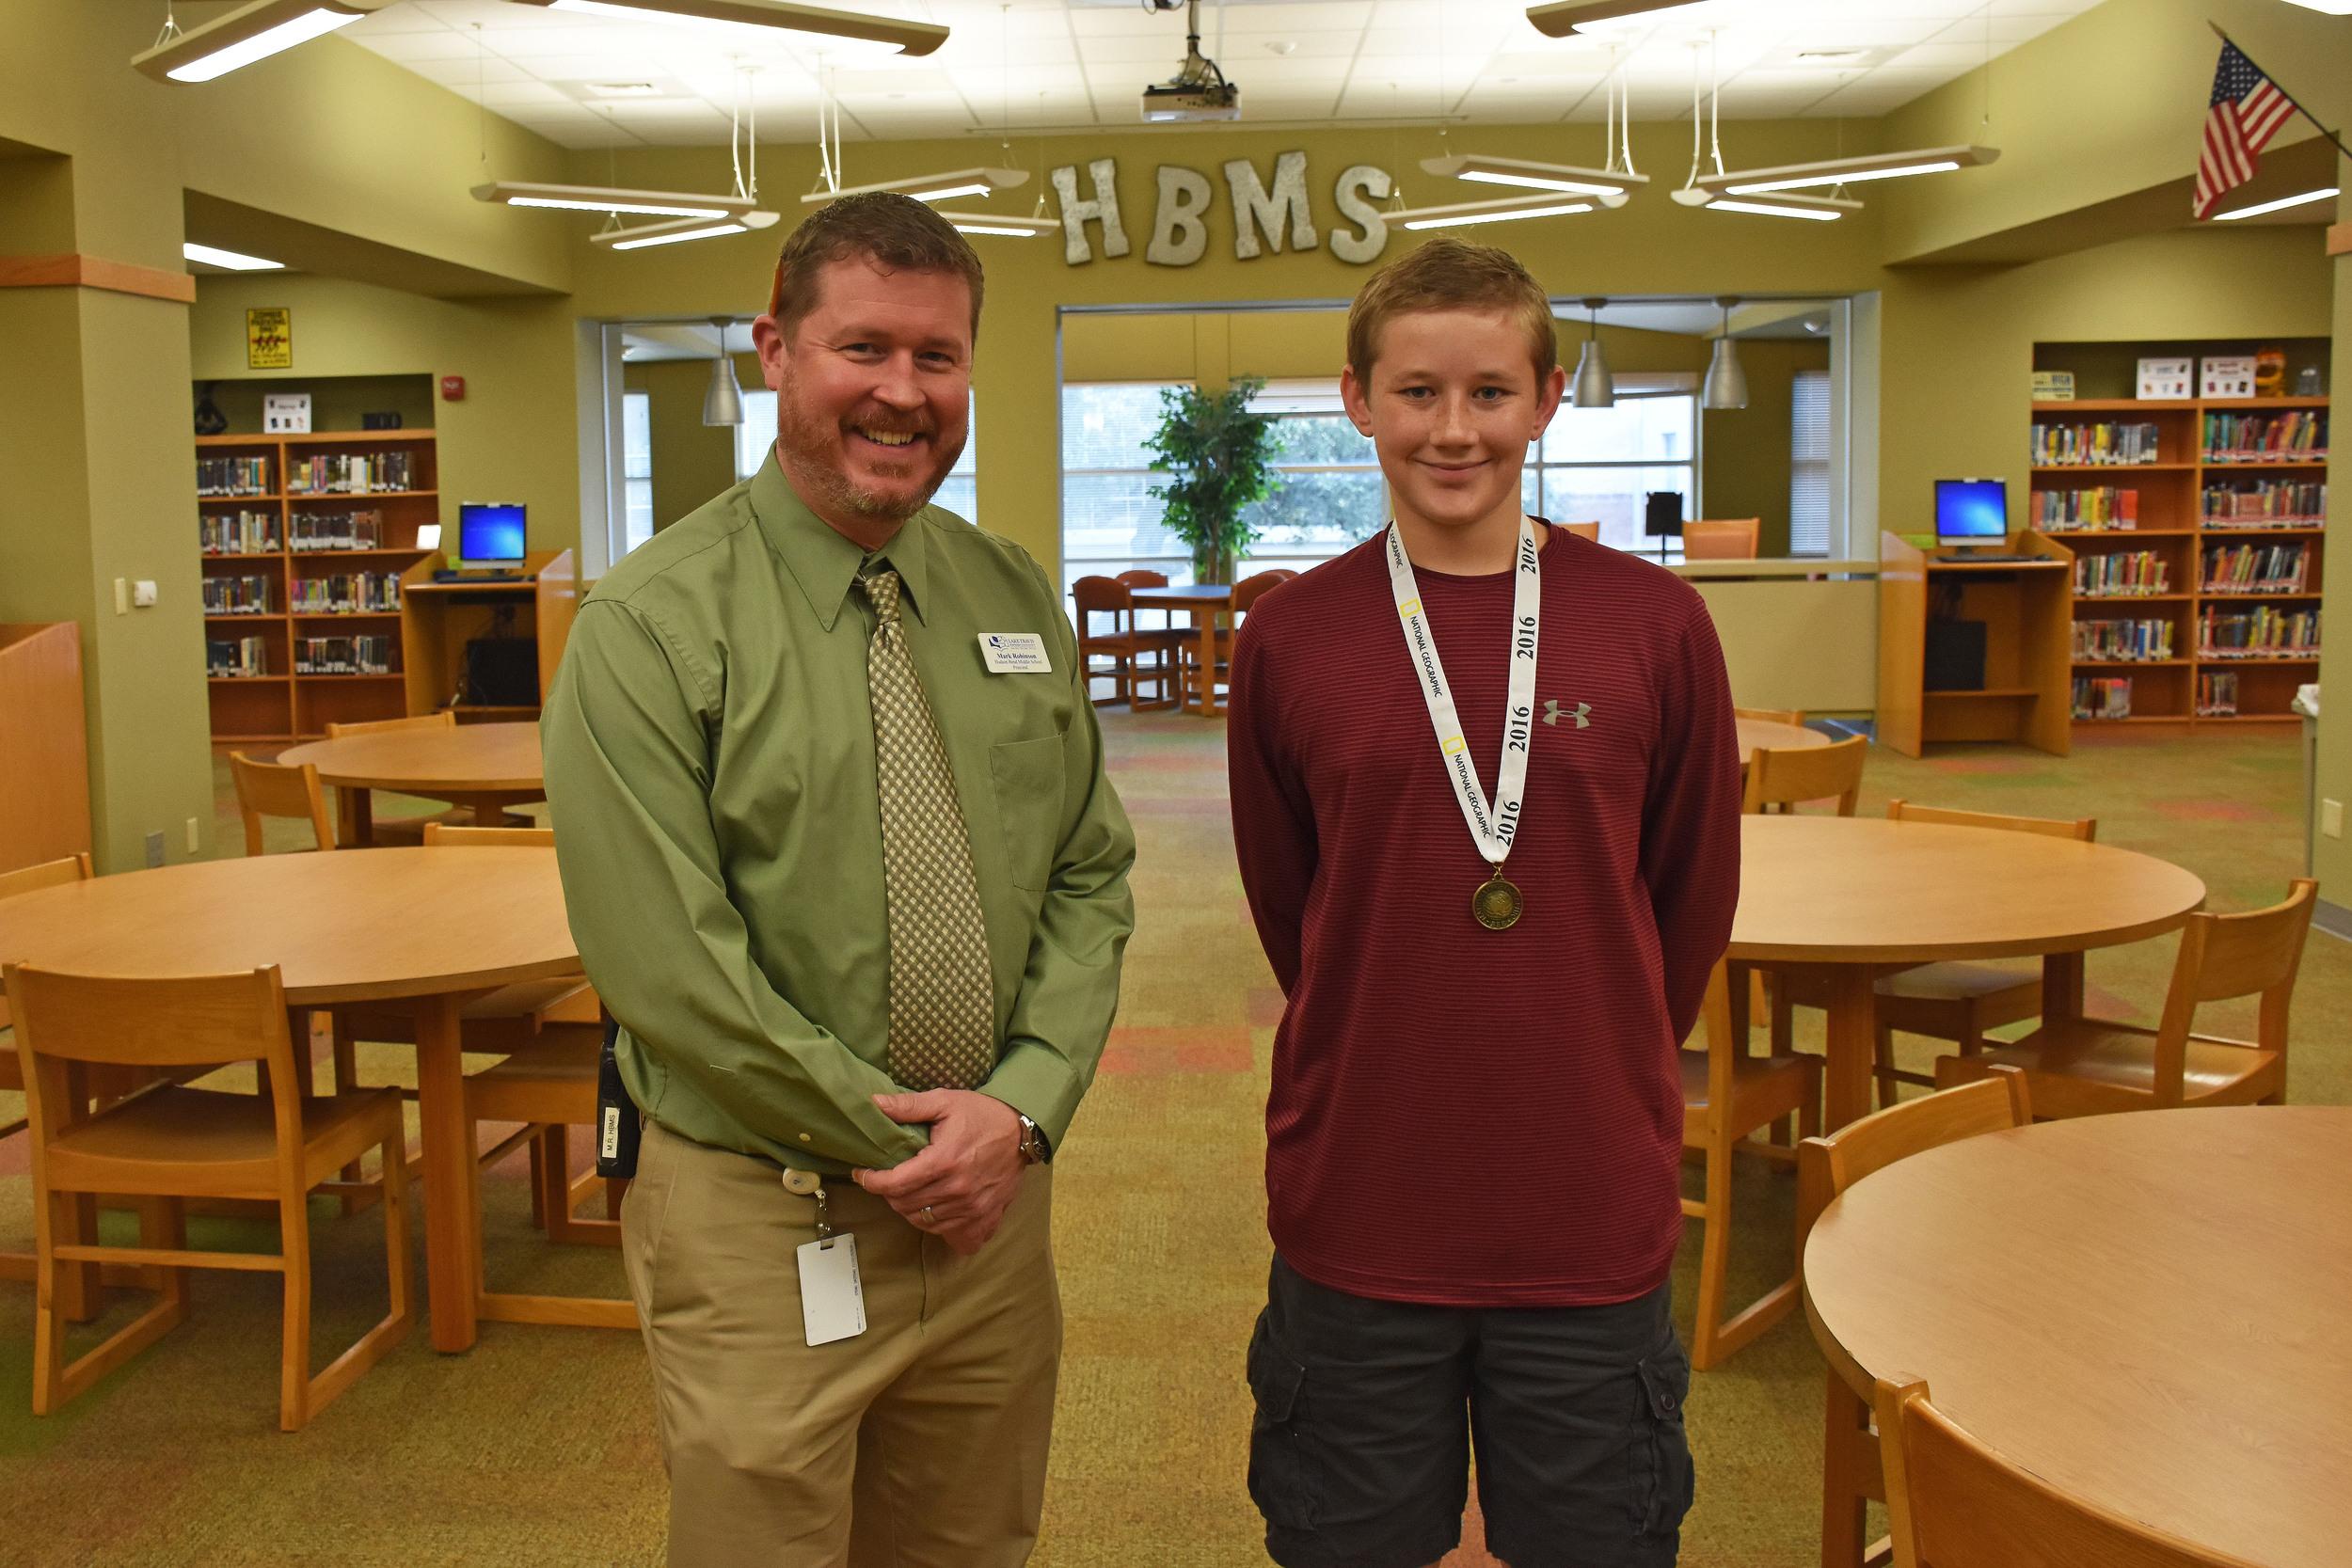 HBMS 8th grader Canion Hempel